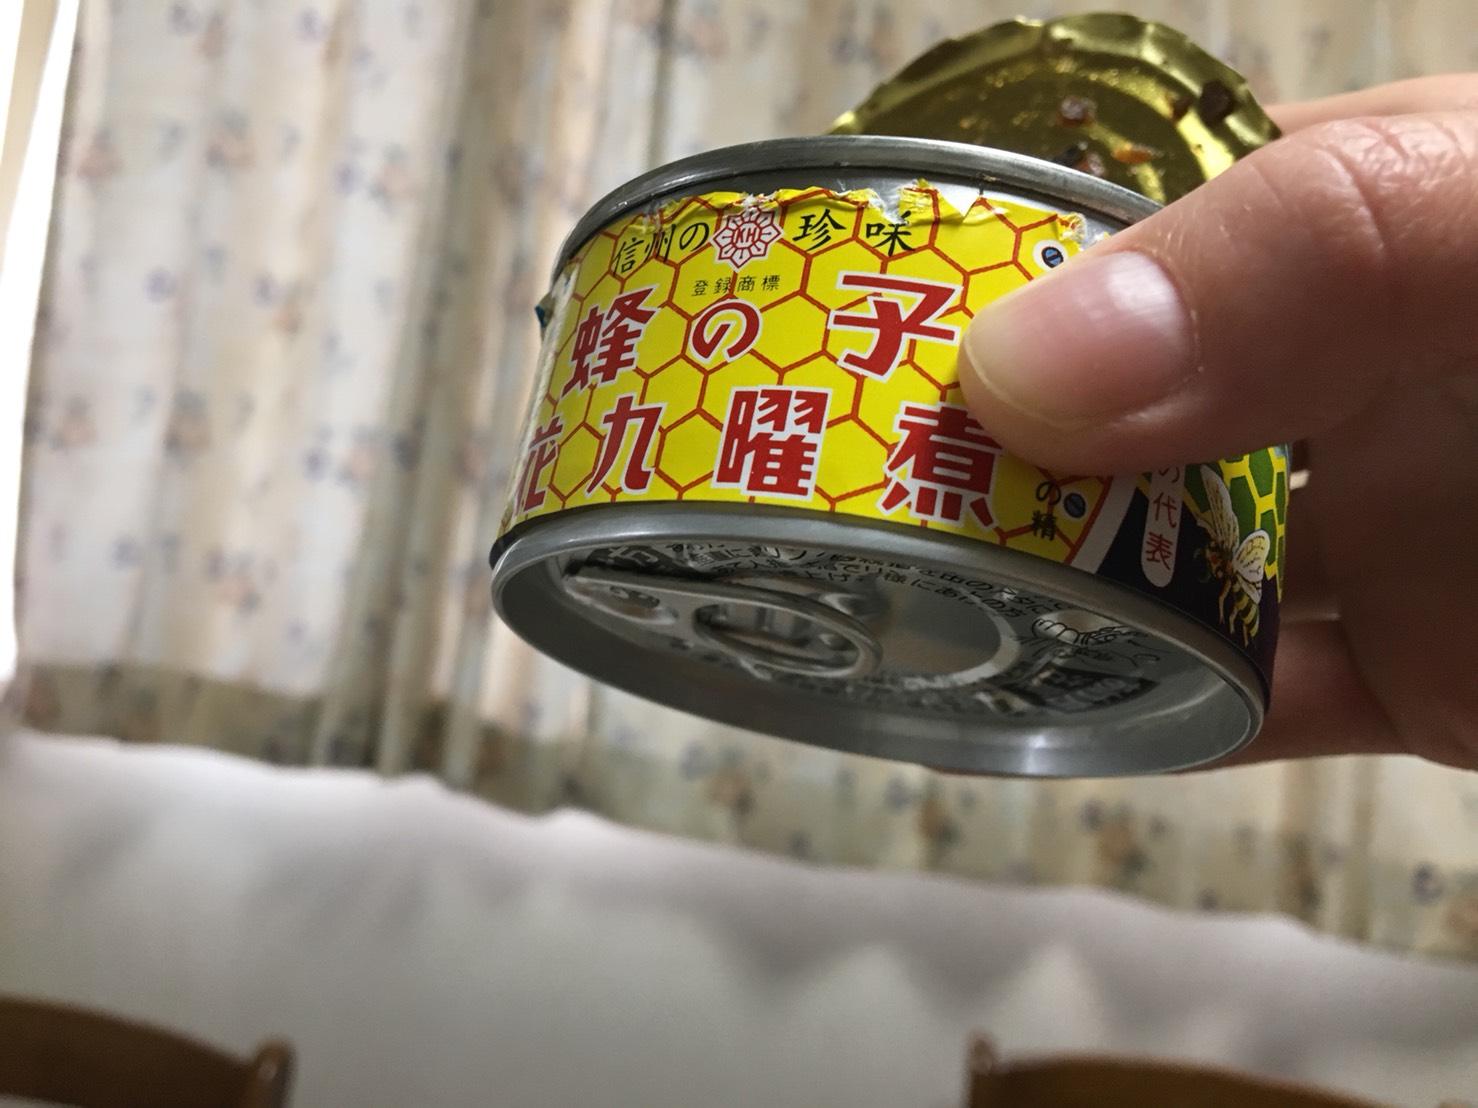 開封されている蜂の子の缶詰の下の面